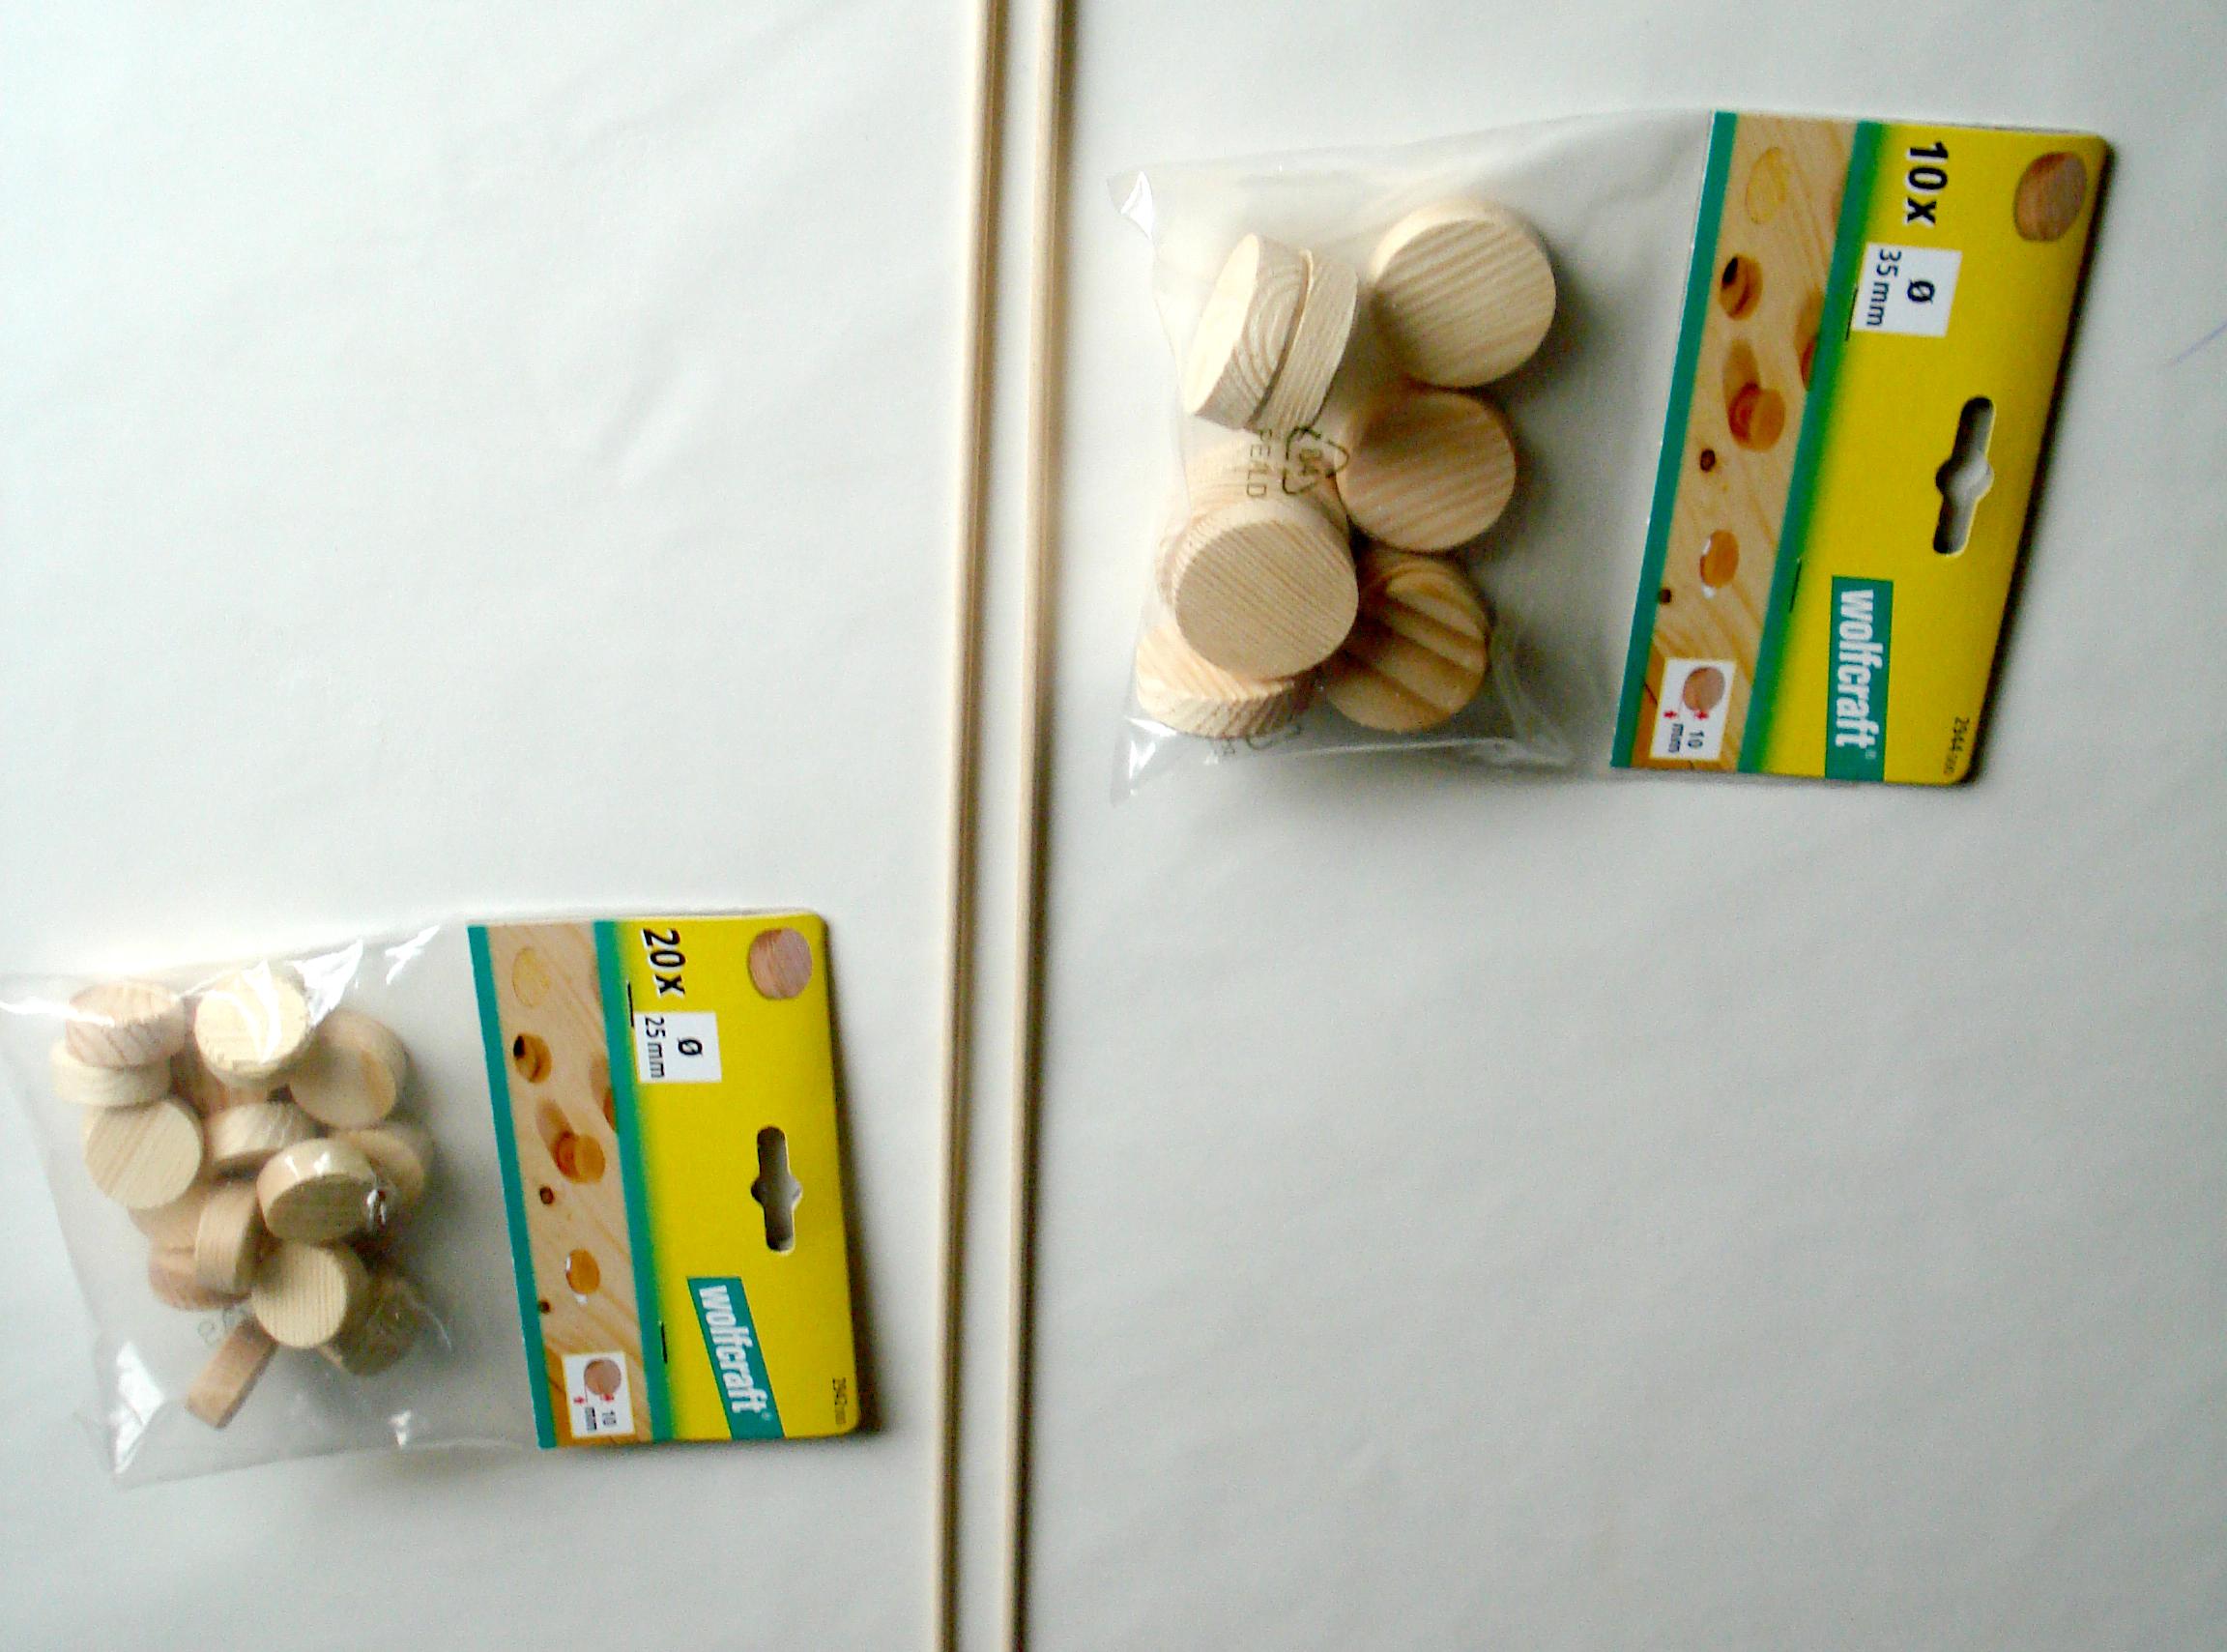 Meccano m s piezas para el meccano de madera felix maocho for Casetas de madera prefabricadas leroy merlin